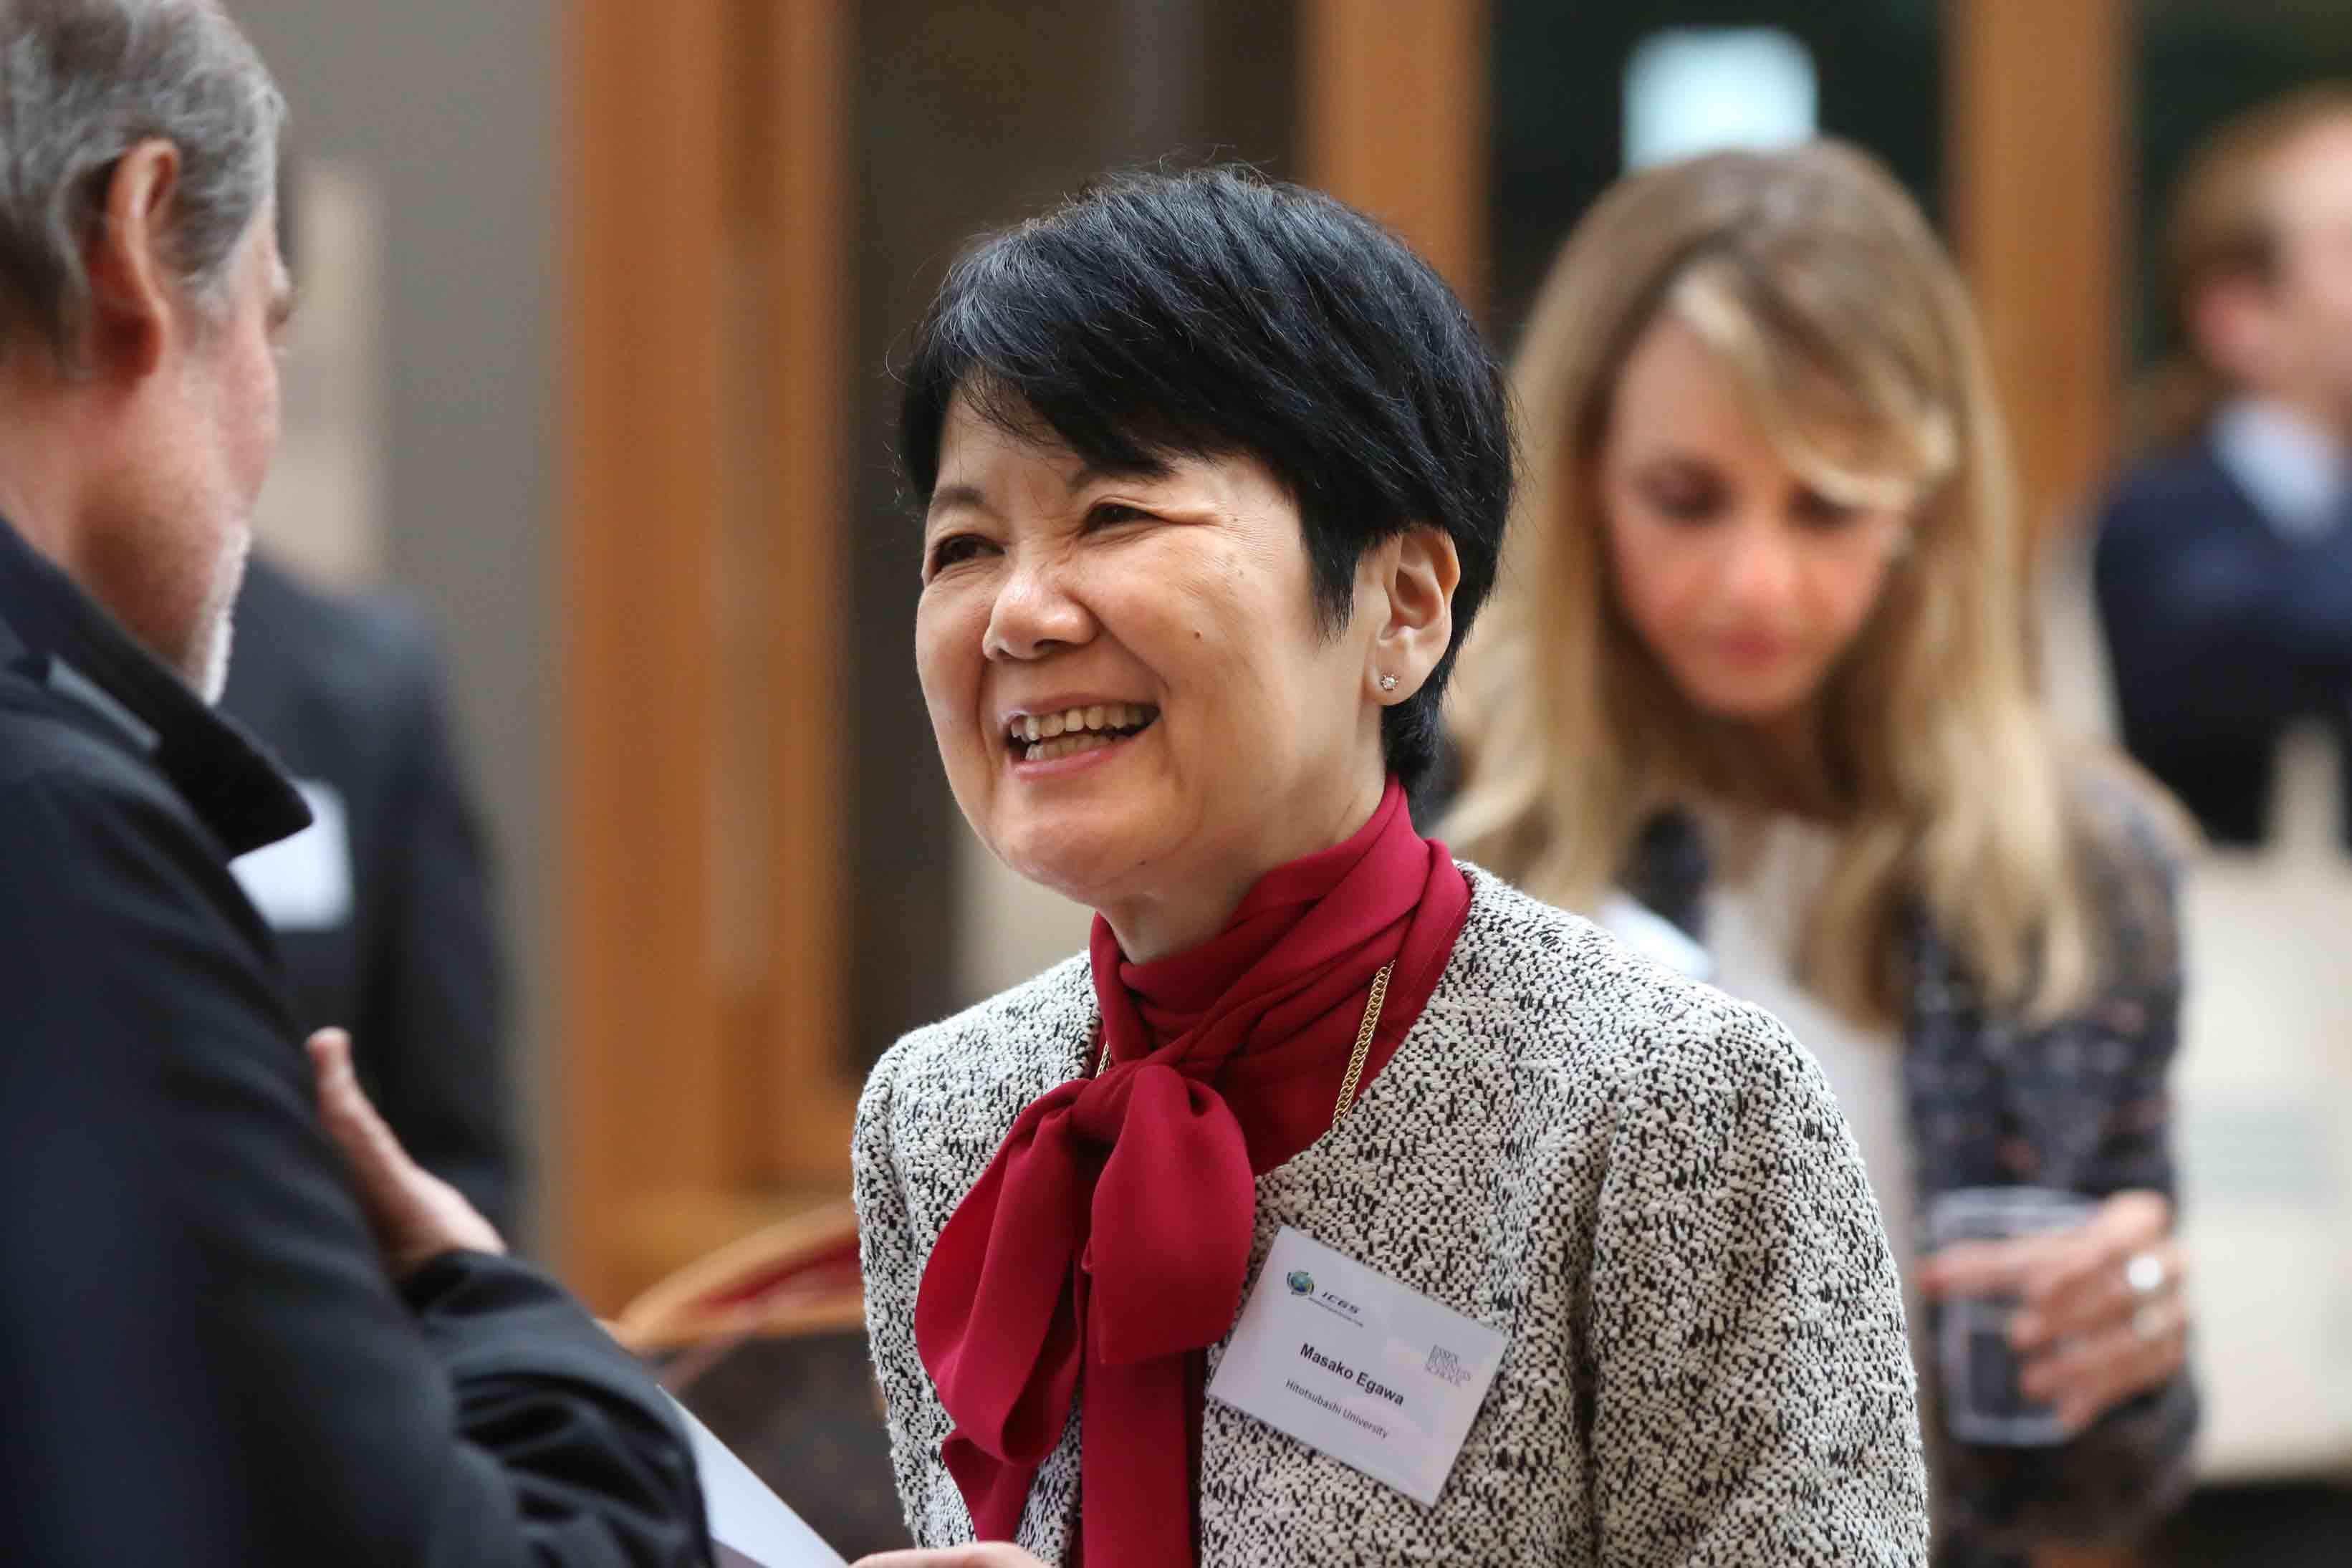 Conference attendee Masako Egawa